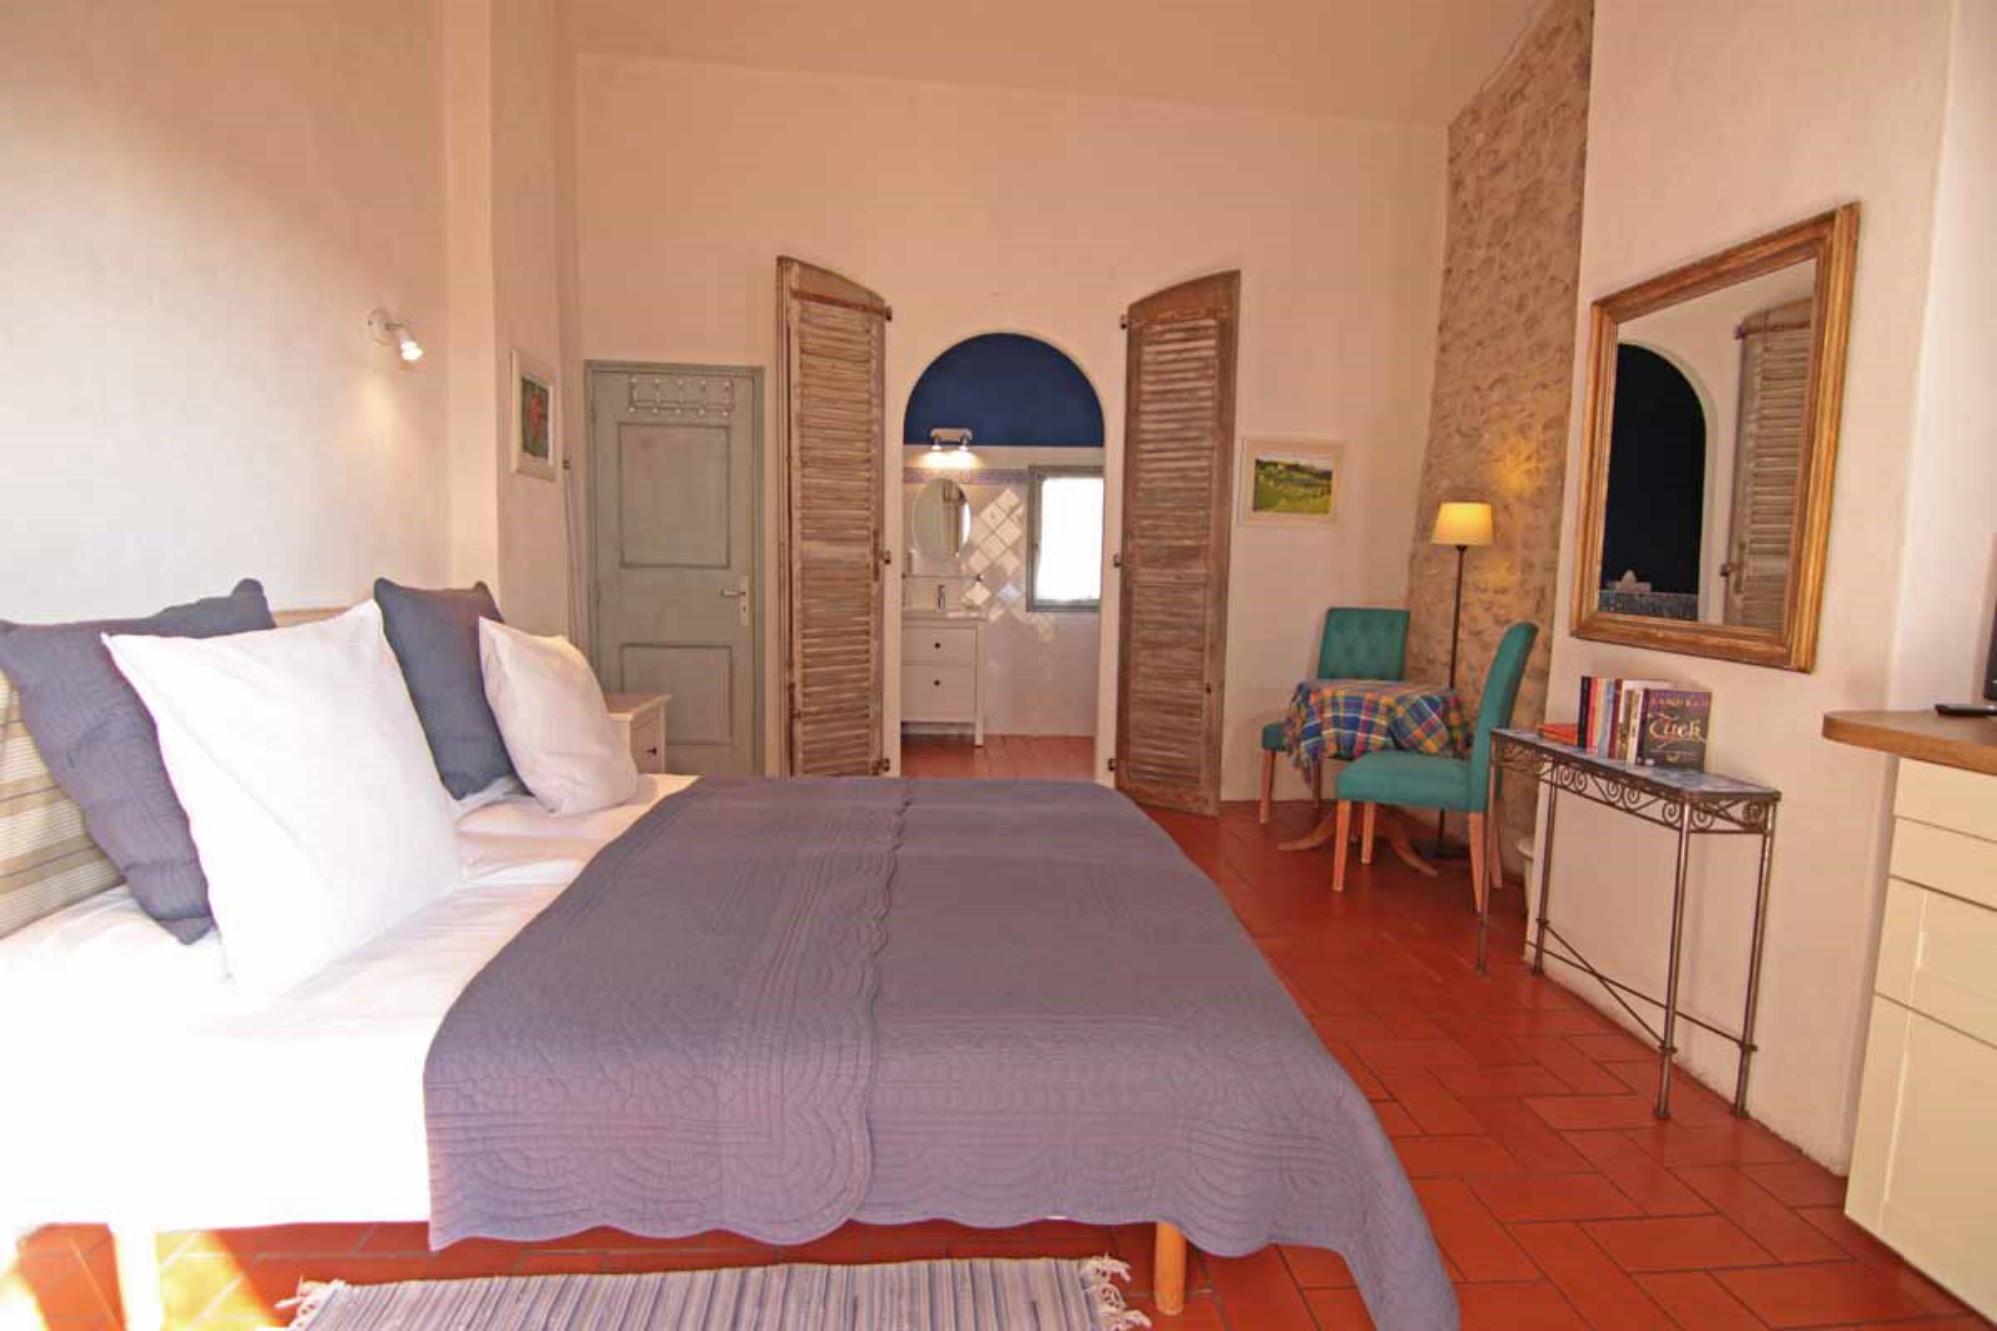 A vendre aux portes du Luberon,  propriété constituée de plusieurs bâtiments, avec jardin paysagé et piscine